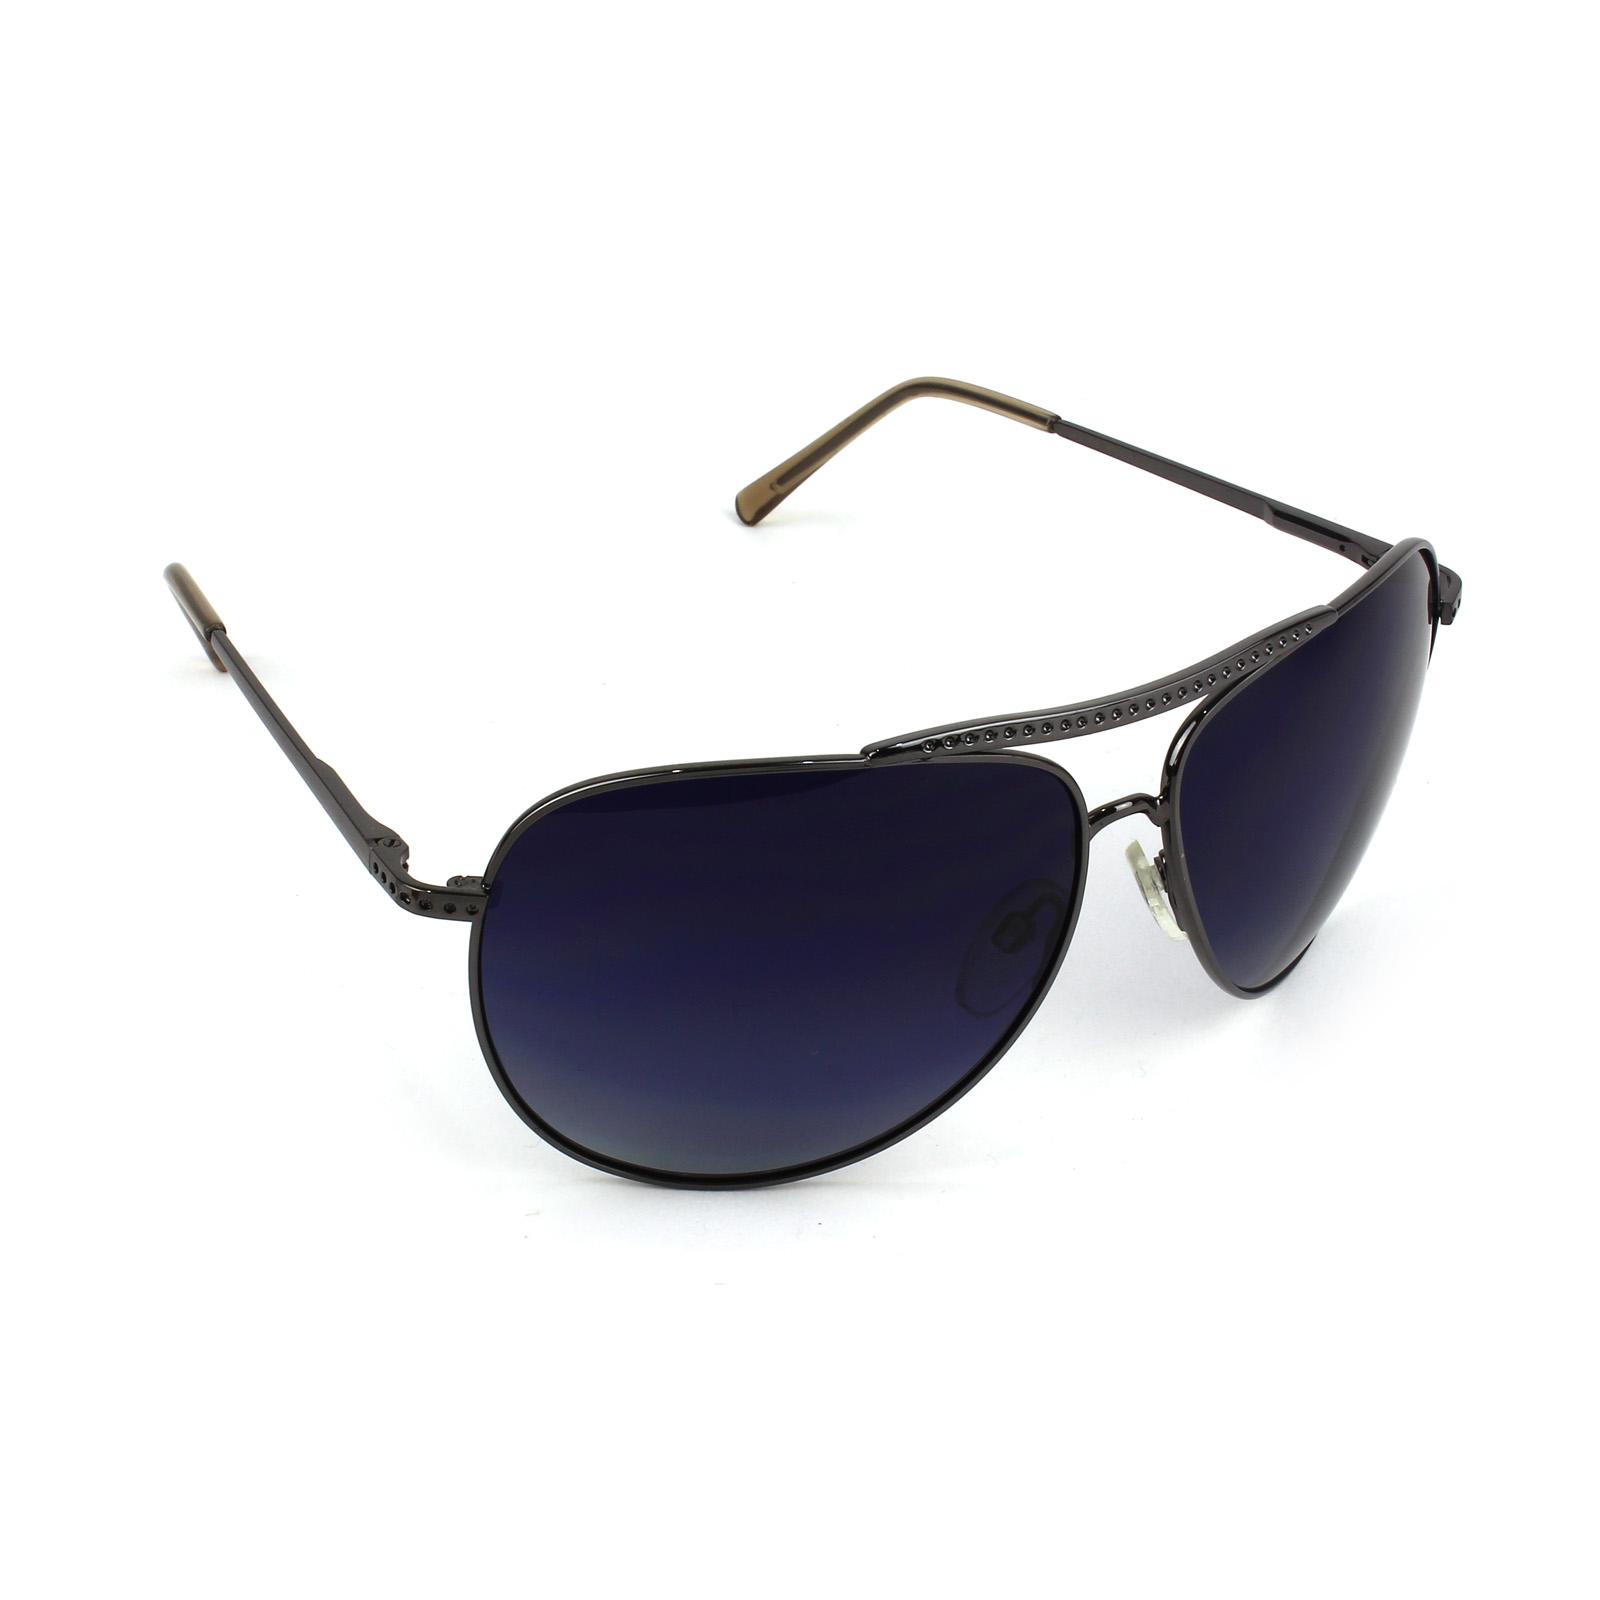 6cc97a8db1c5 Ladies Sunglasses Polaroid Polarized Lens UV400 CAT 3 Fashion 4709B ...